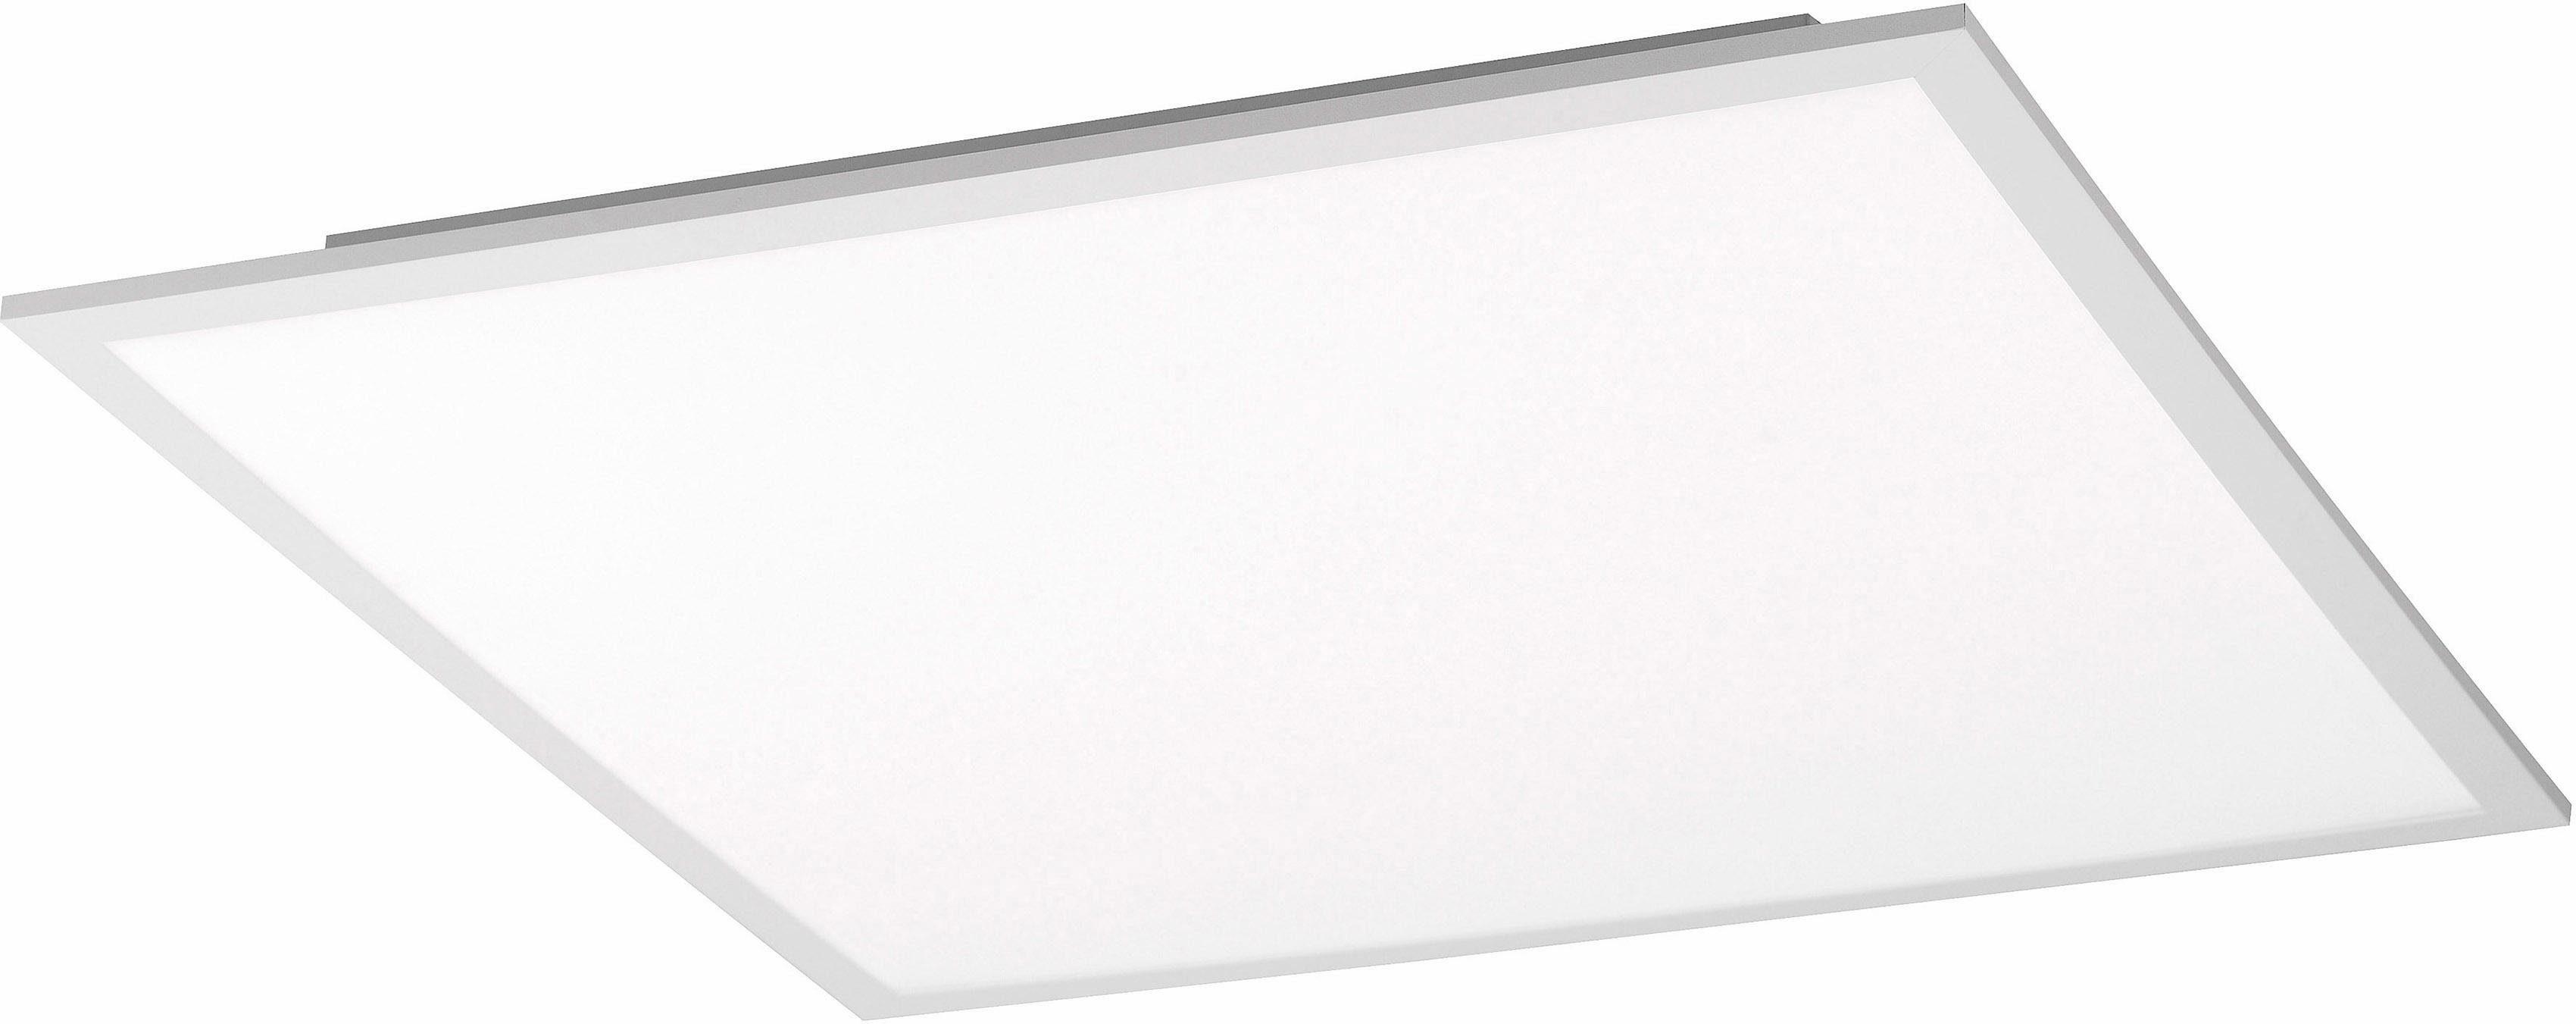 Leuchten Direkt LED Deckenleuchte »FLAT«, mit RGBW-Farbwechsler